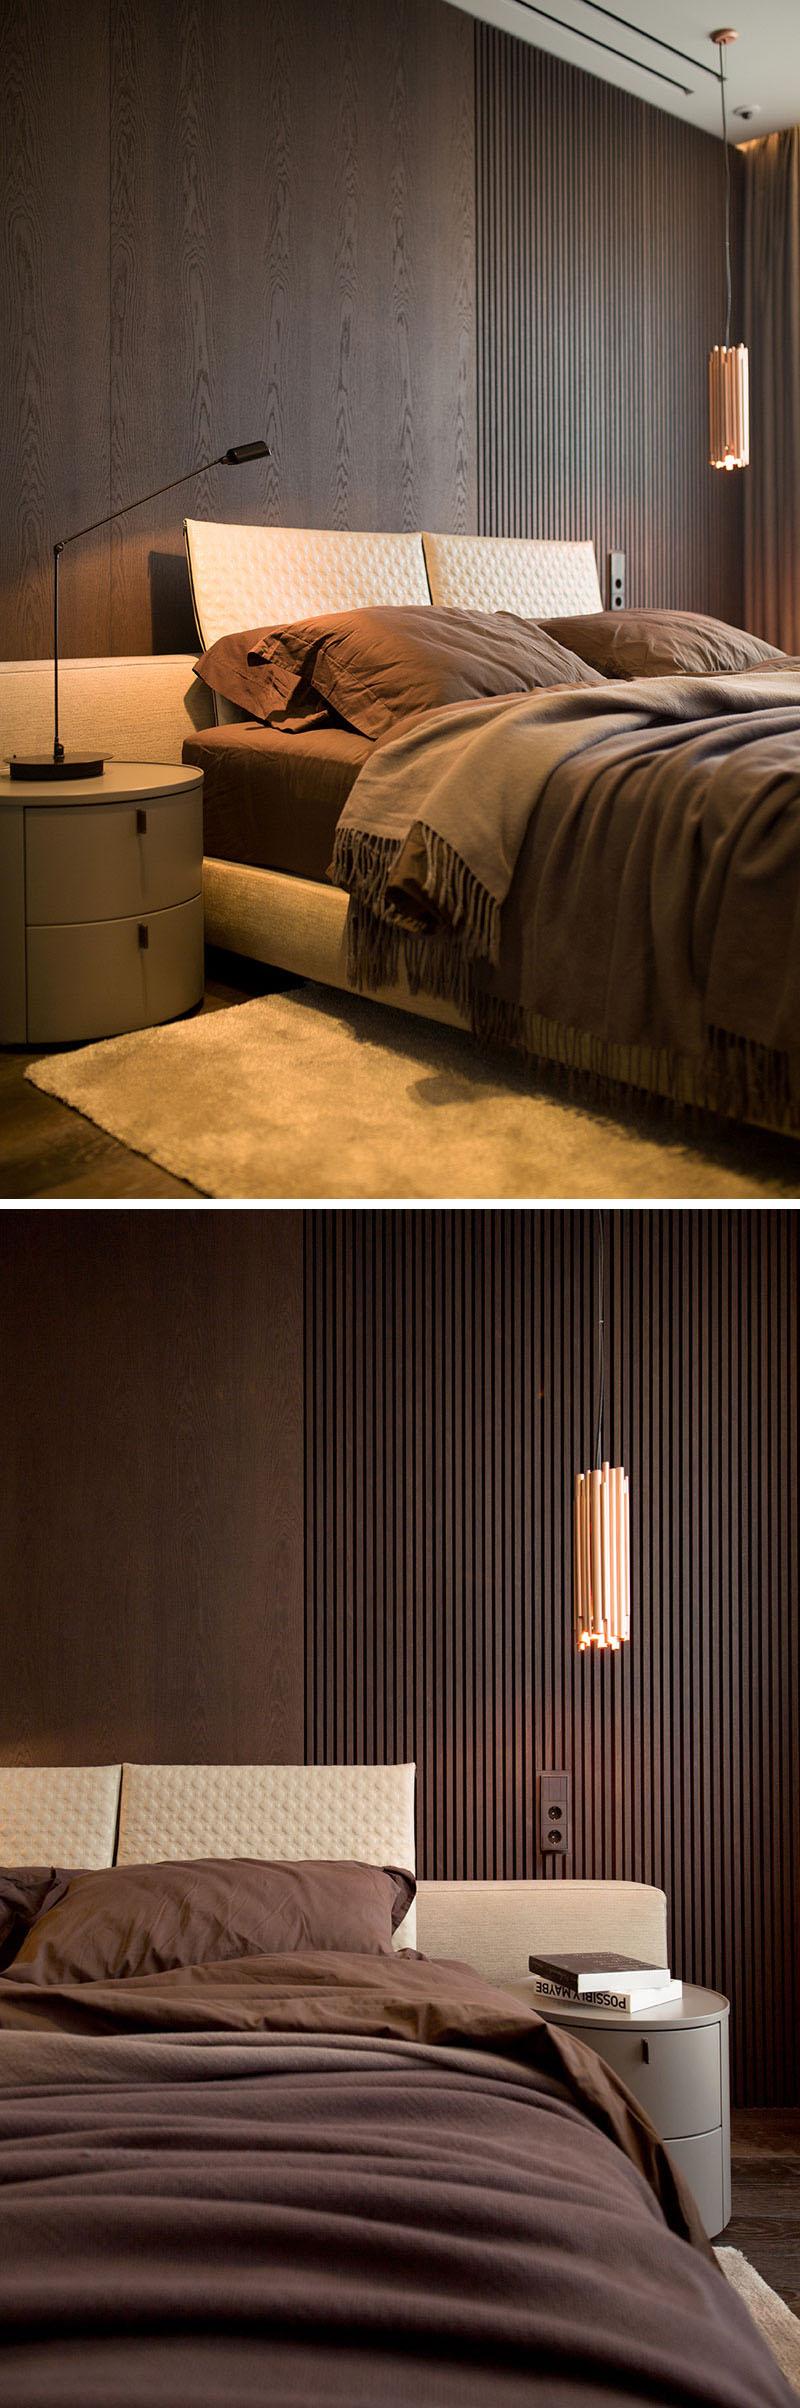 Kén người dùng nhưng một khi sử dụng thì đồ nội thất với chất liệu đồng sẽ không làm bạn phải thất vọng - Ảnh 7.